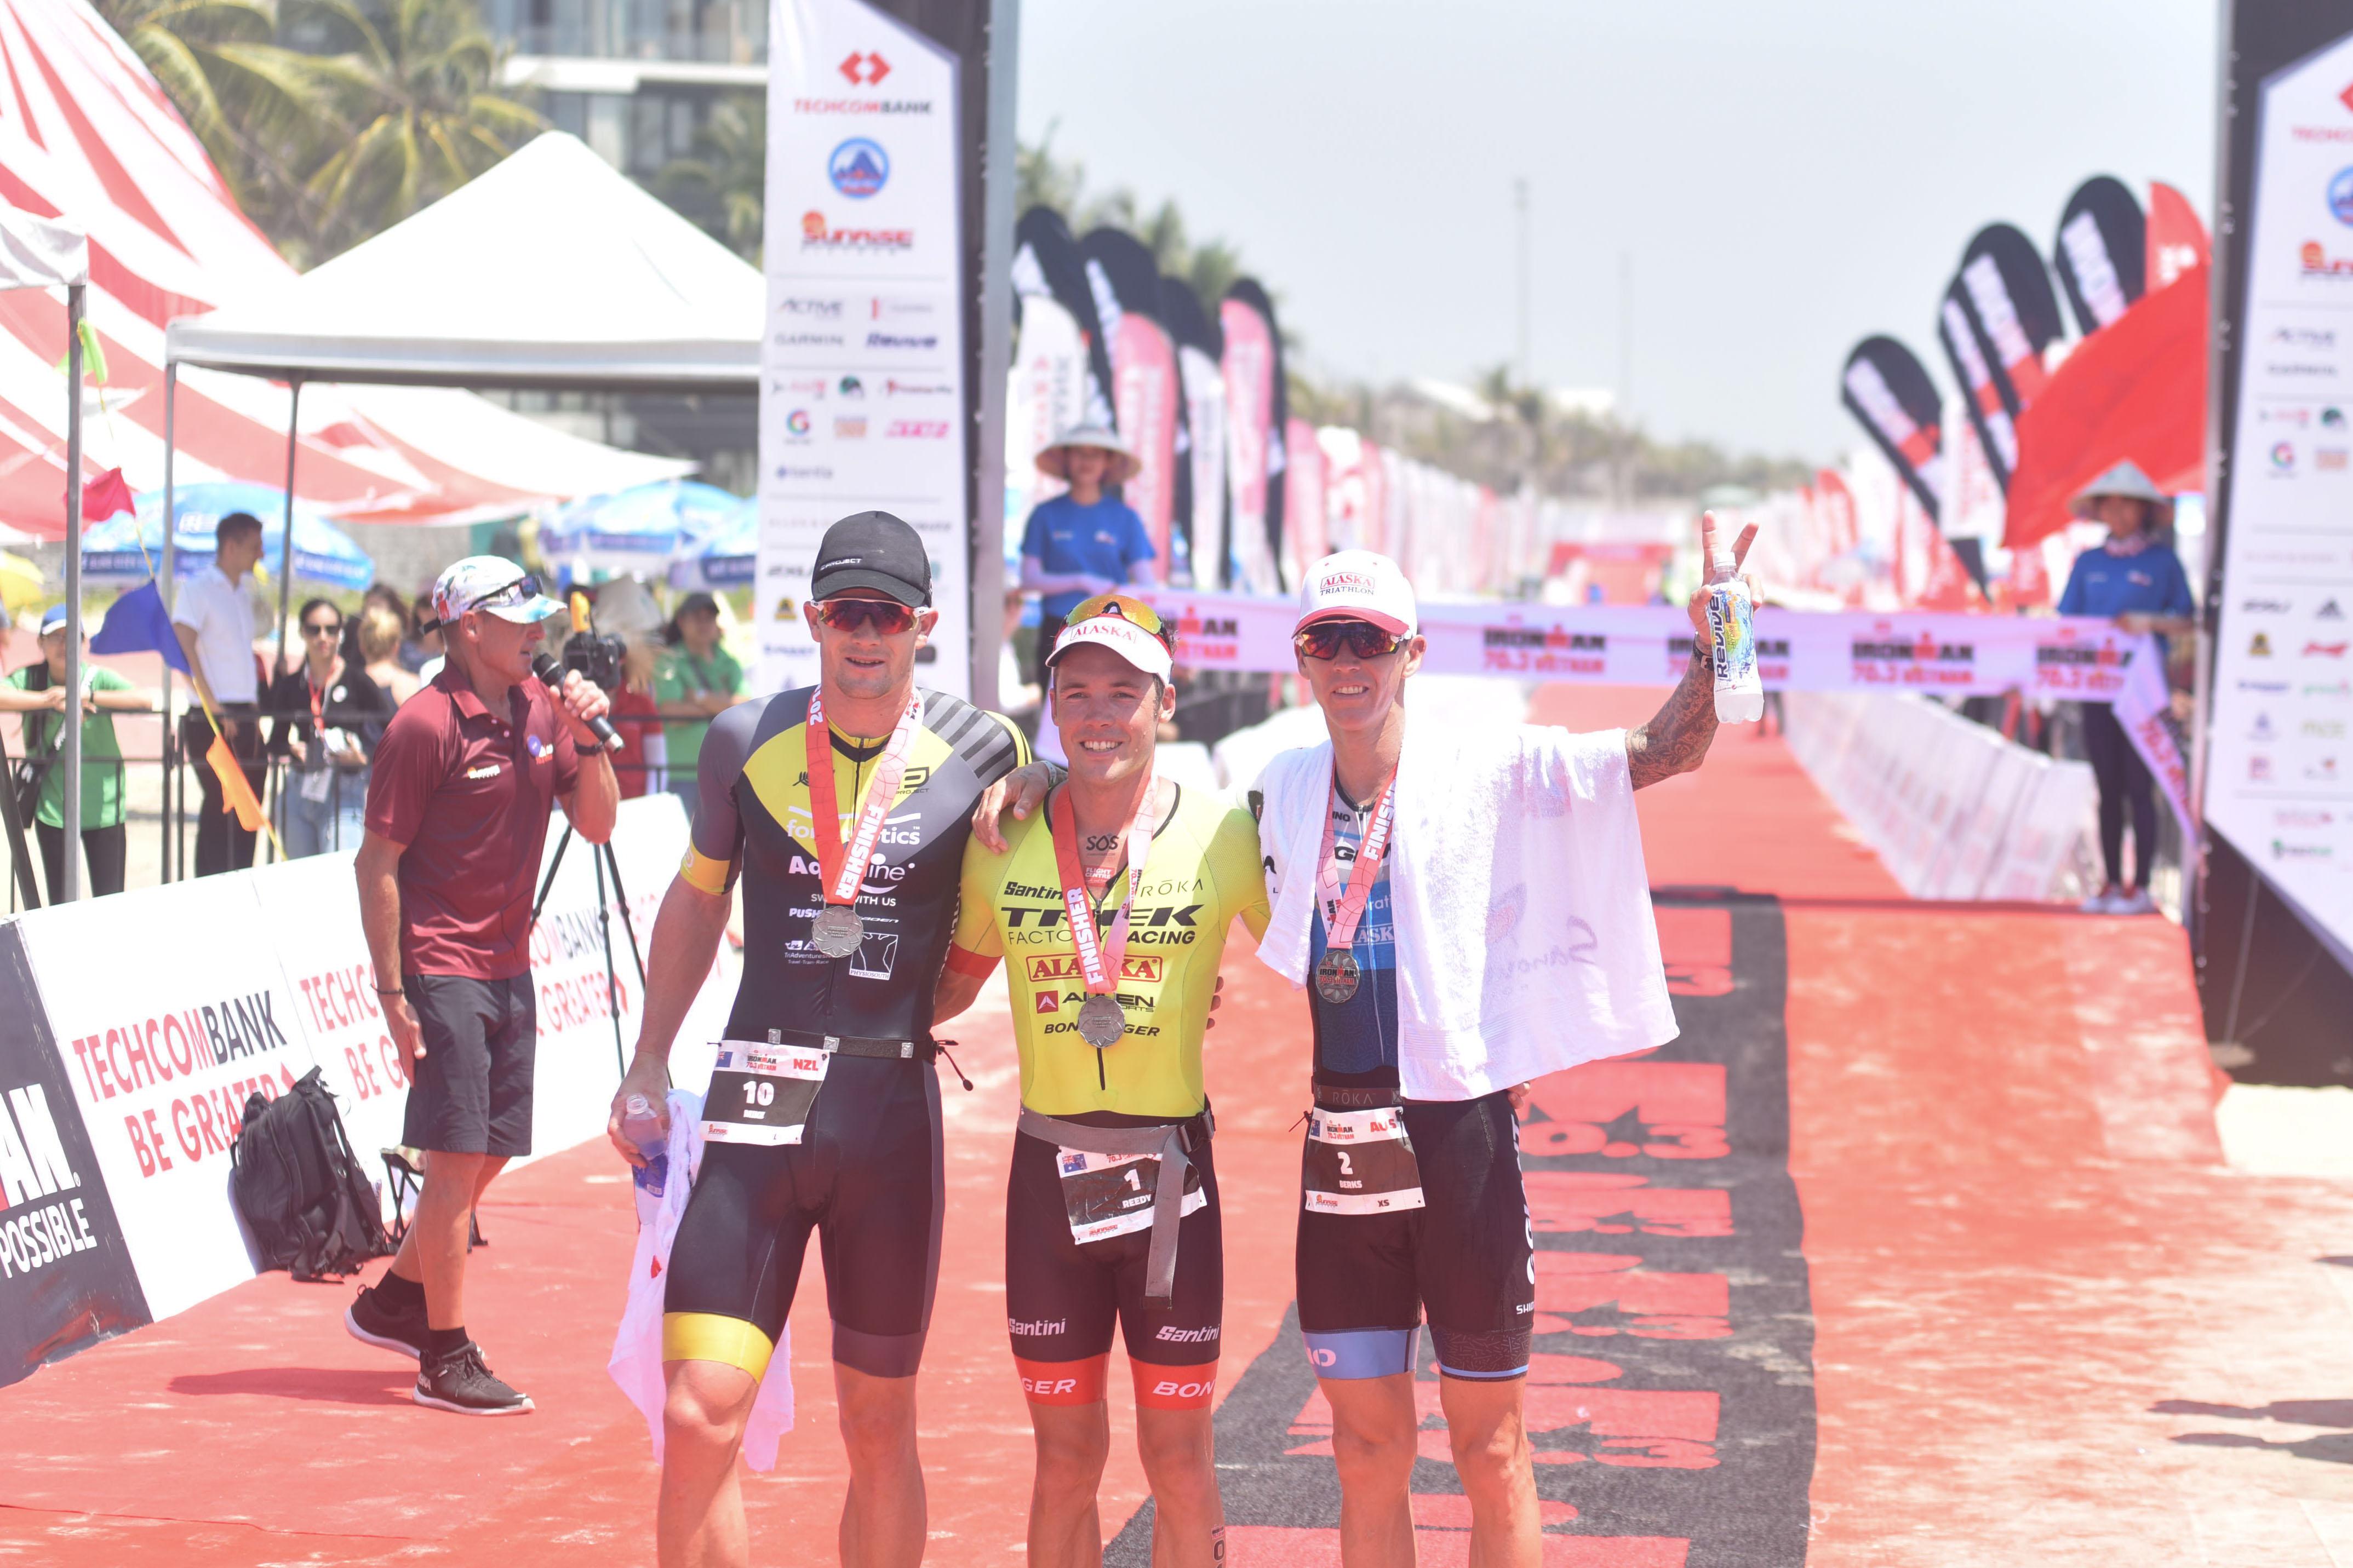 Patrick Lange và Holly Lawrence giành chiến thắng thuyết phục giữa các vận động viên chuyên nghiệp tại Ironman 70.3 vô địch Châu Á - Thái Bình Dương